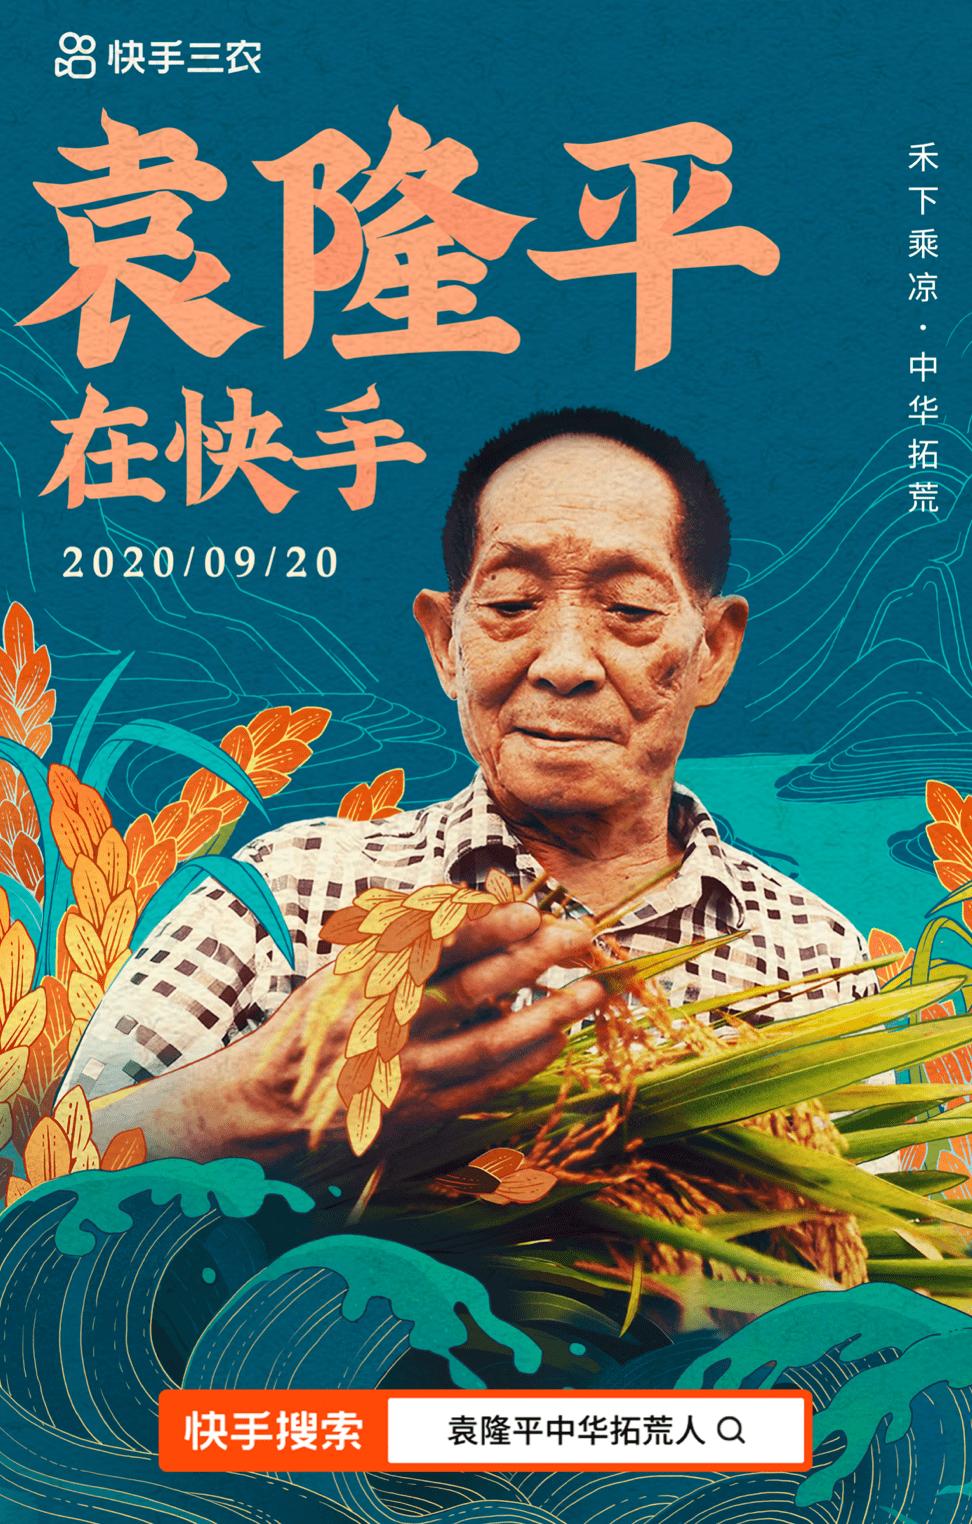 """""""杂交水稻之父""""袁隆平入驻快手,9月22日18:00开启丰收直播"""